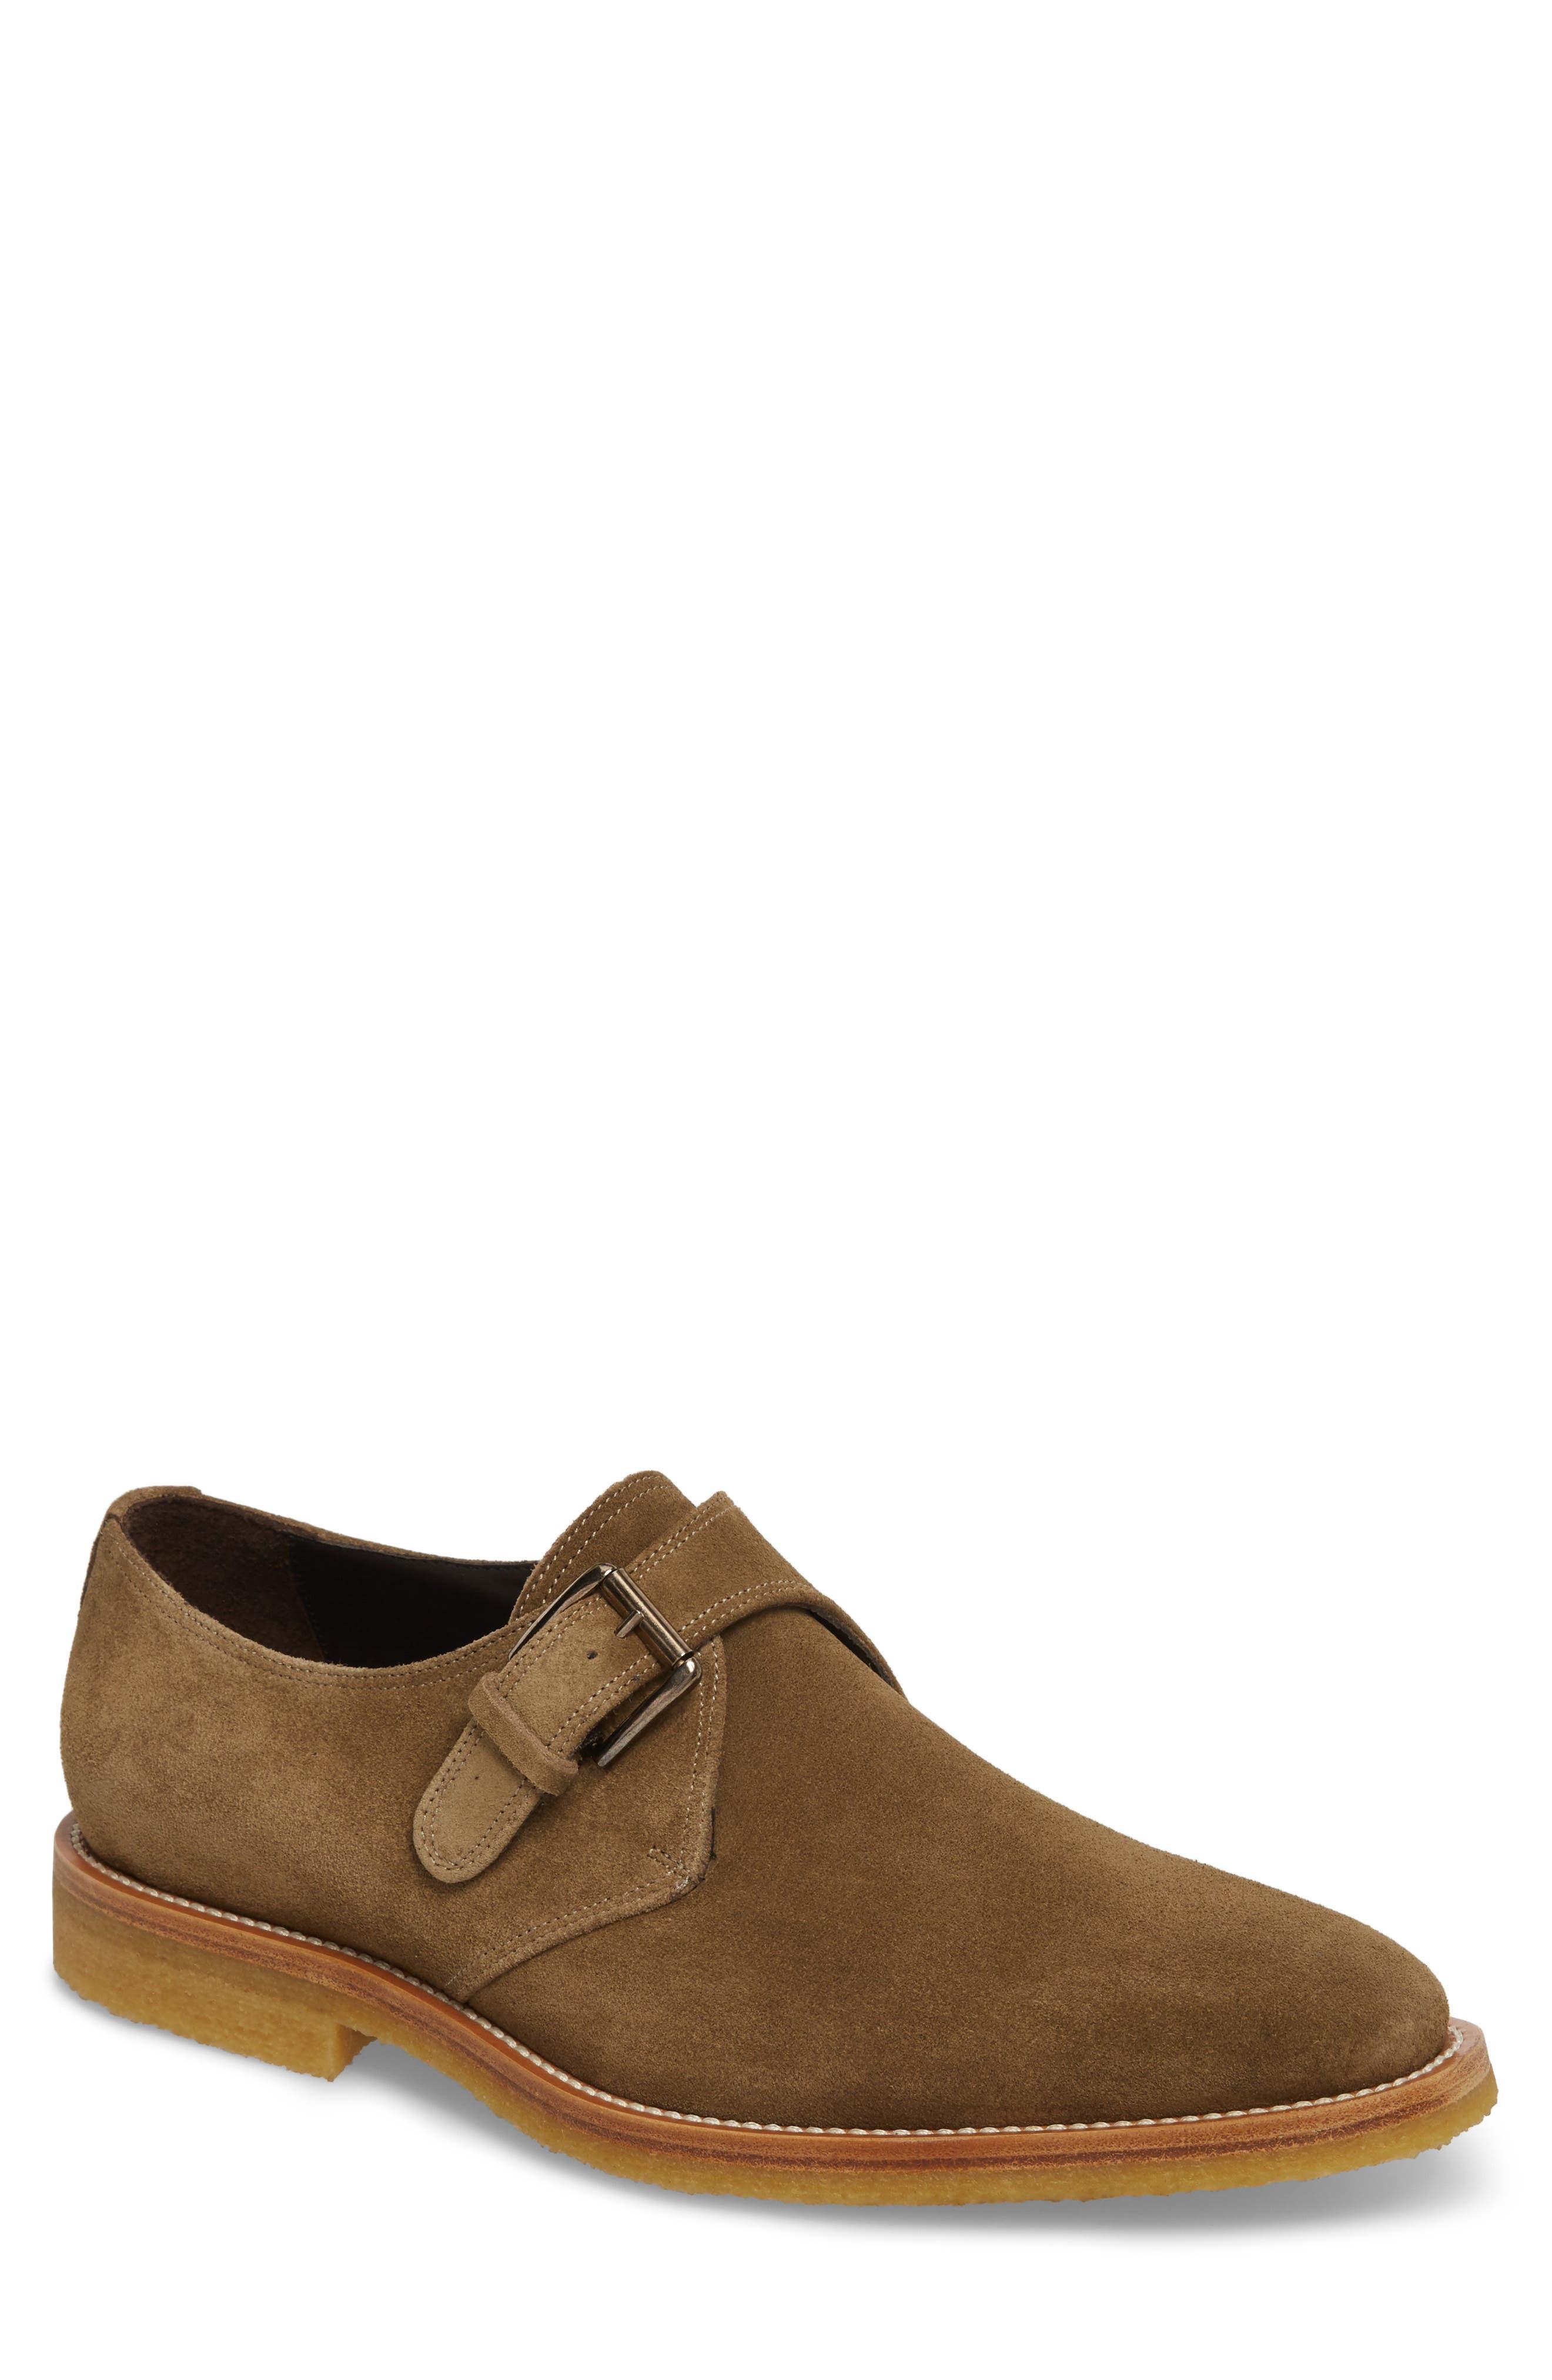 Baldwin Plain Toe Monk Shoe,                             Main thumbnail 1, color,                             Taupe Suede